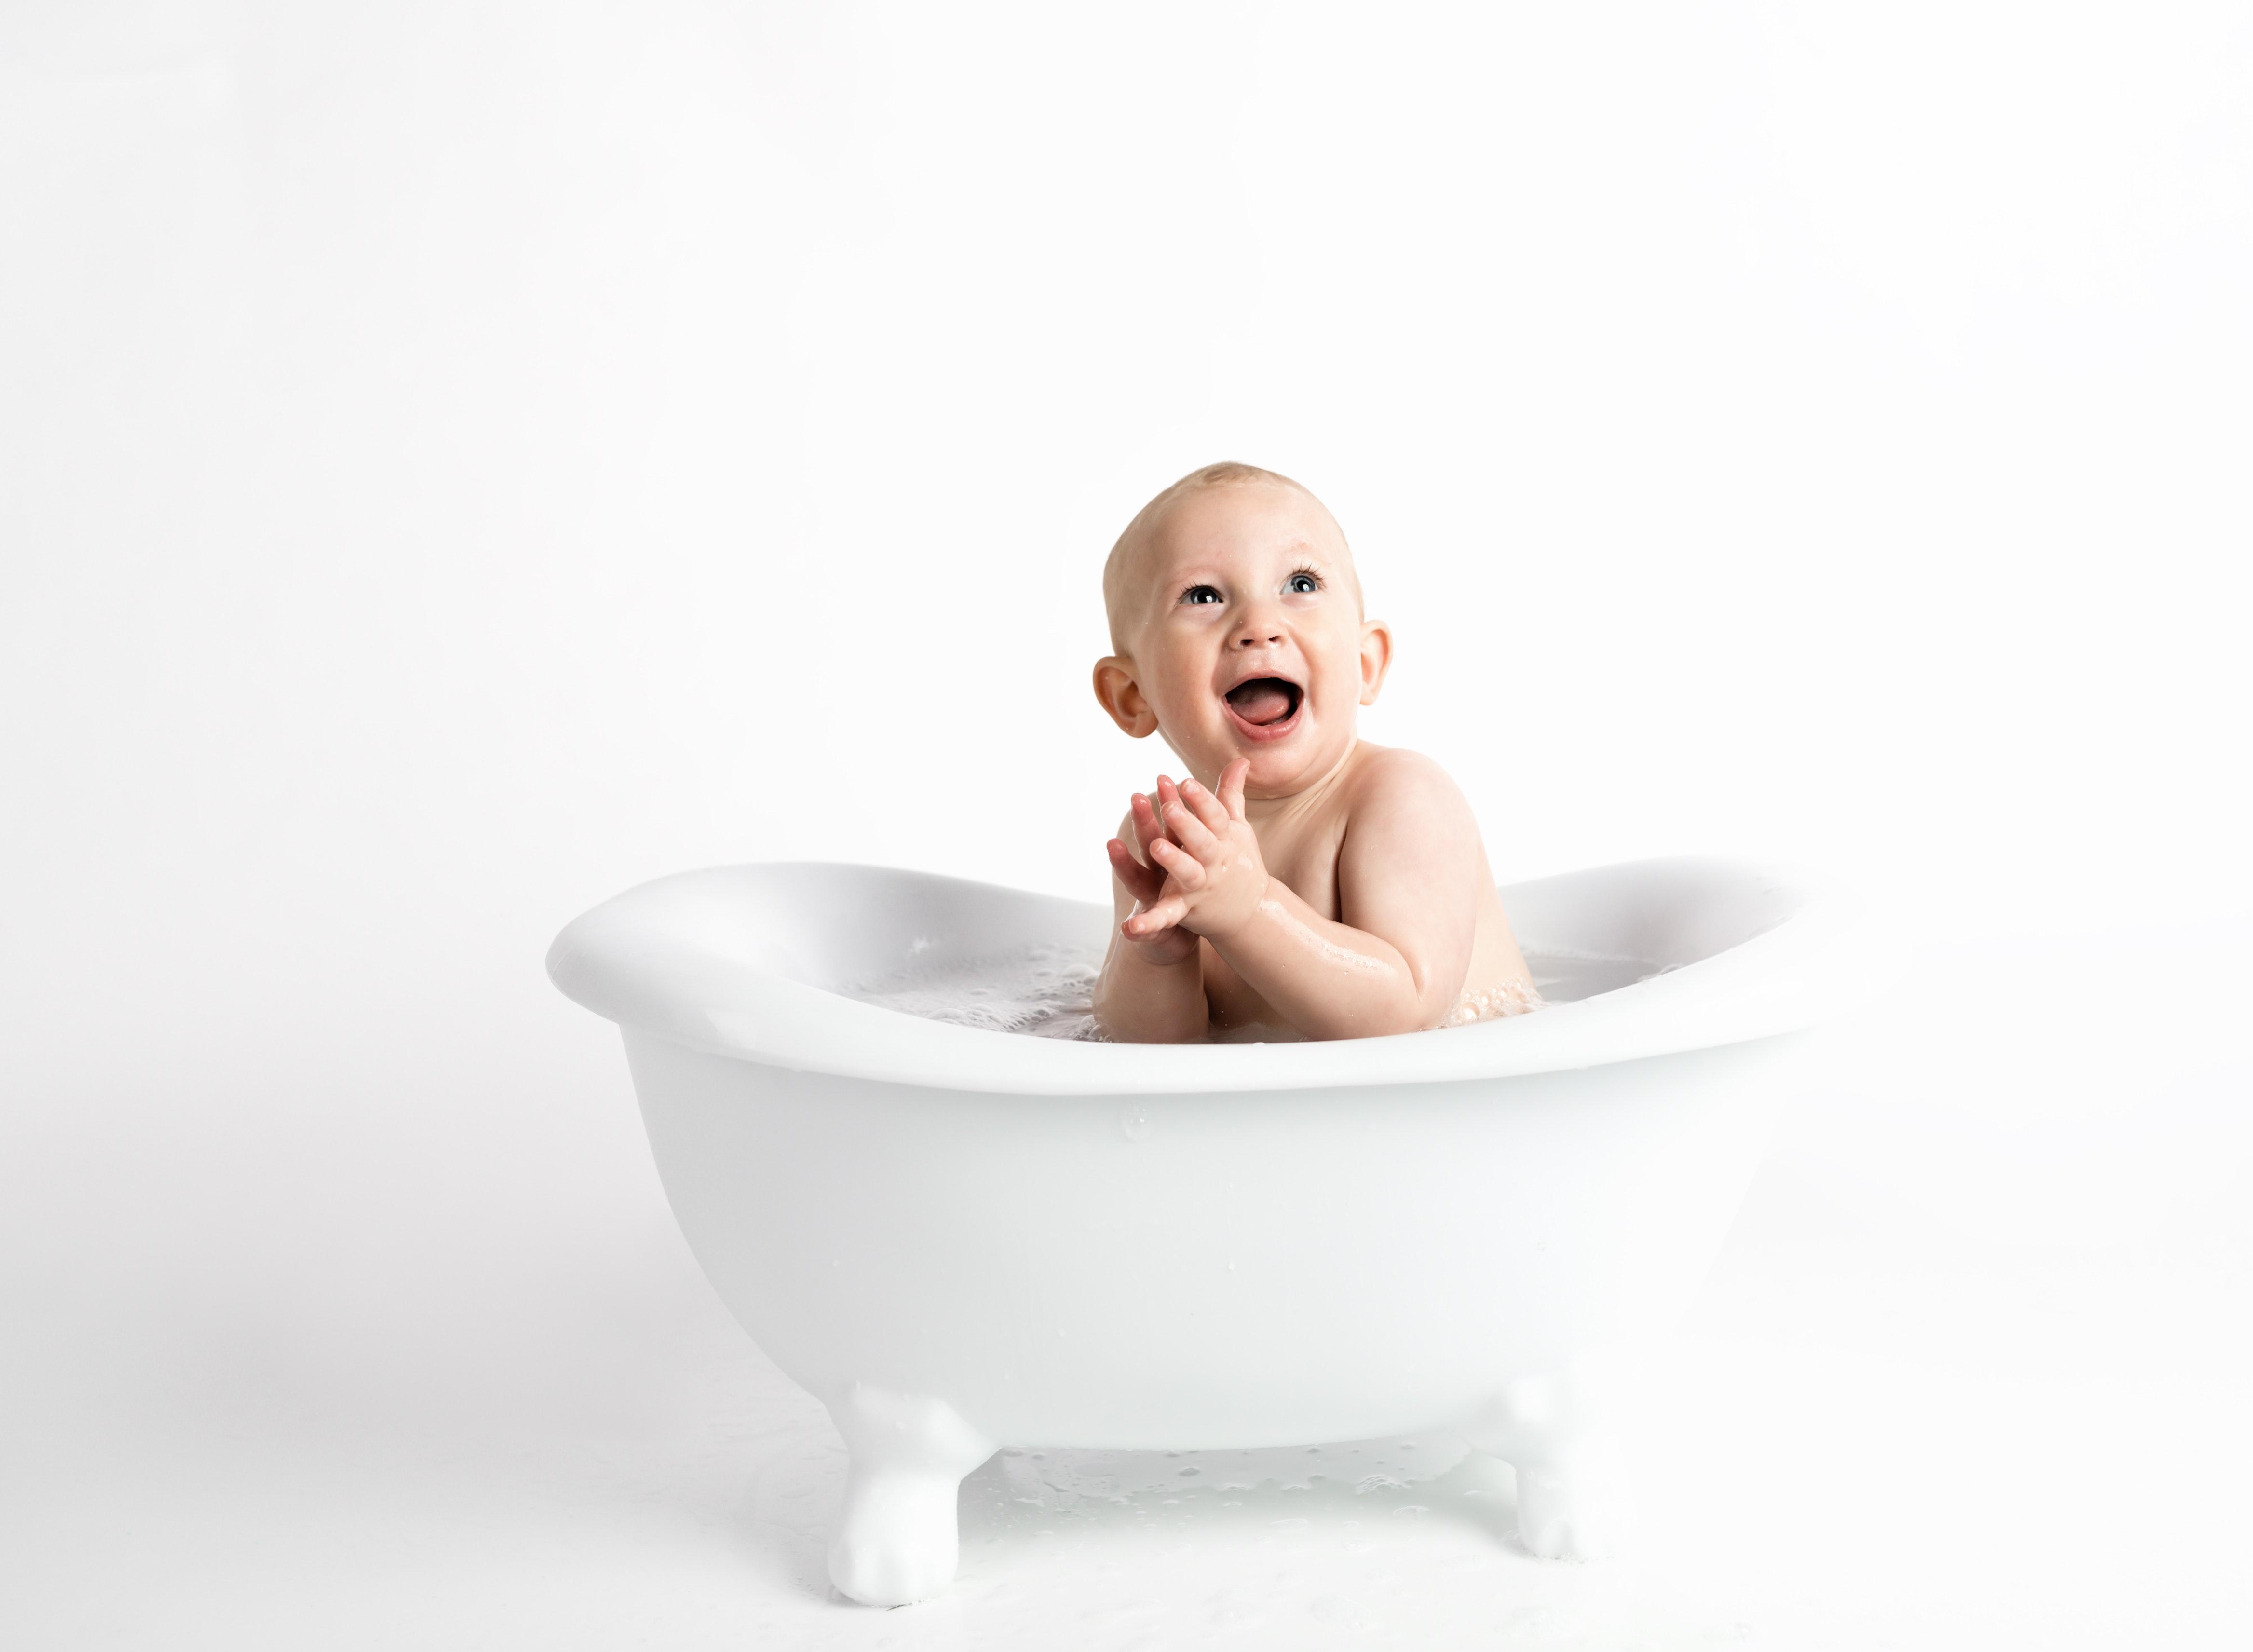 Jak pielęgnować niemowlaka?